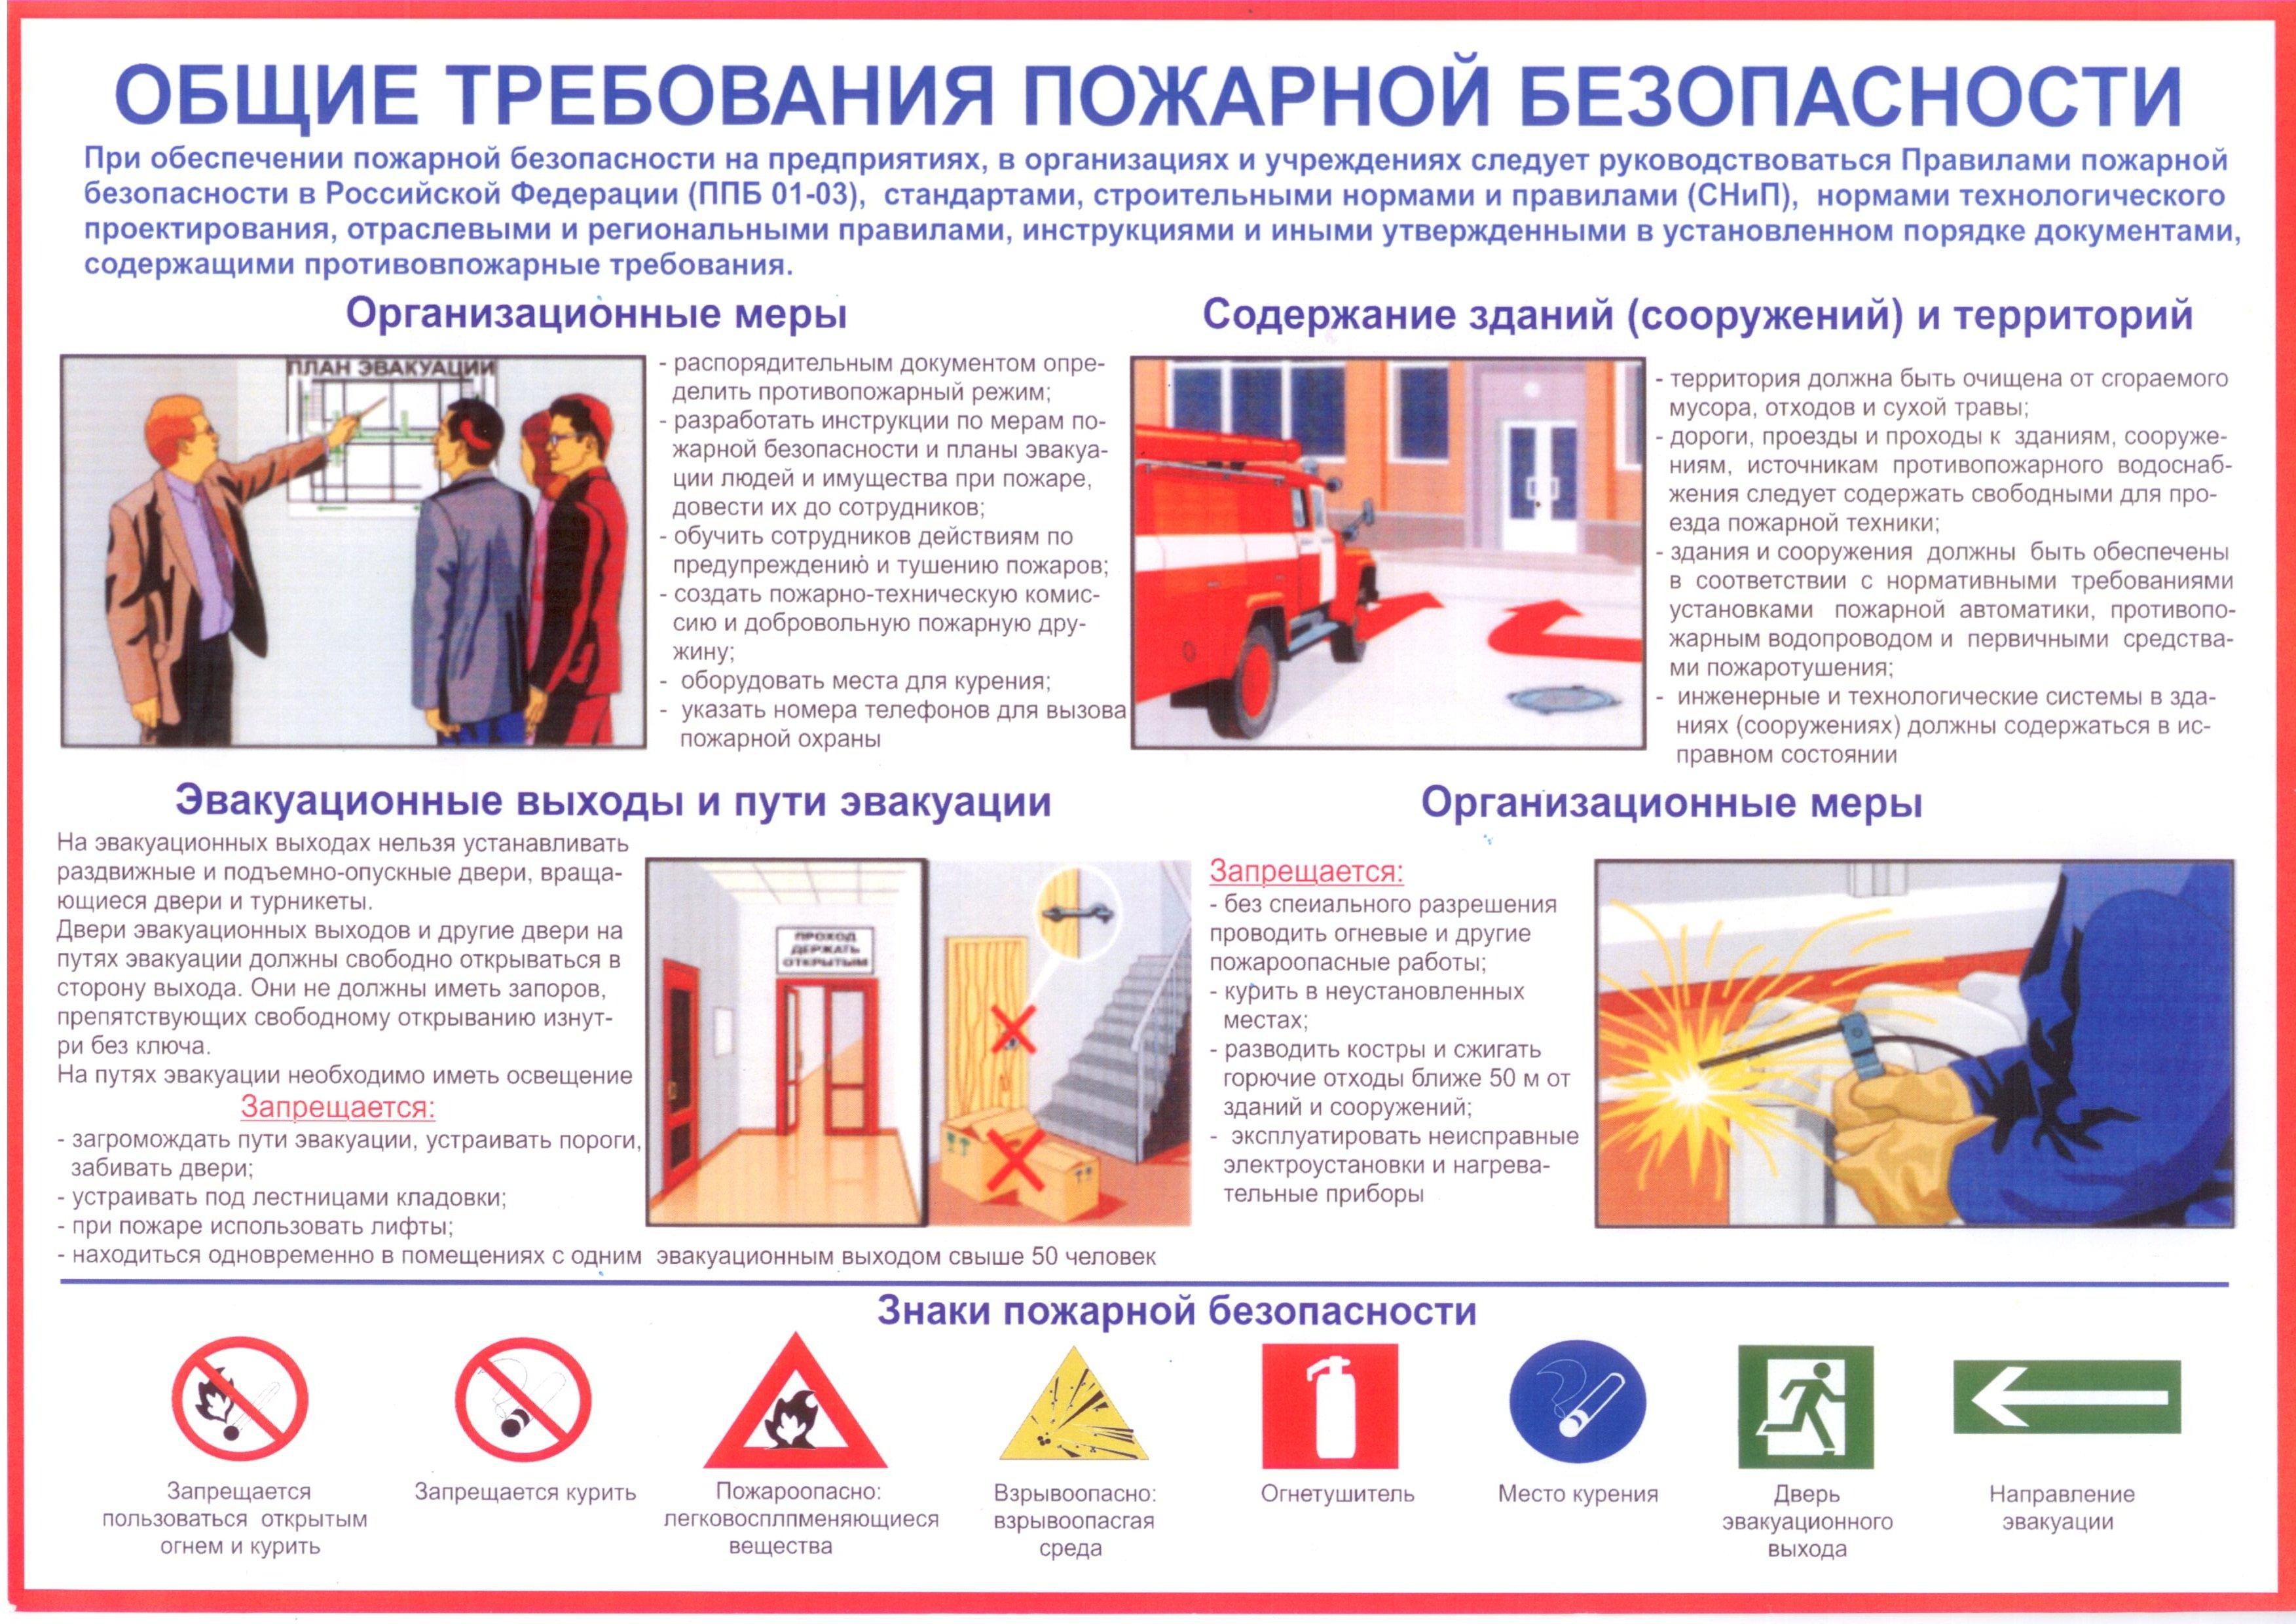 Требования пожарной безопасности картинка